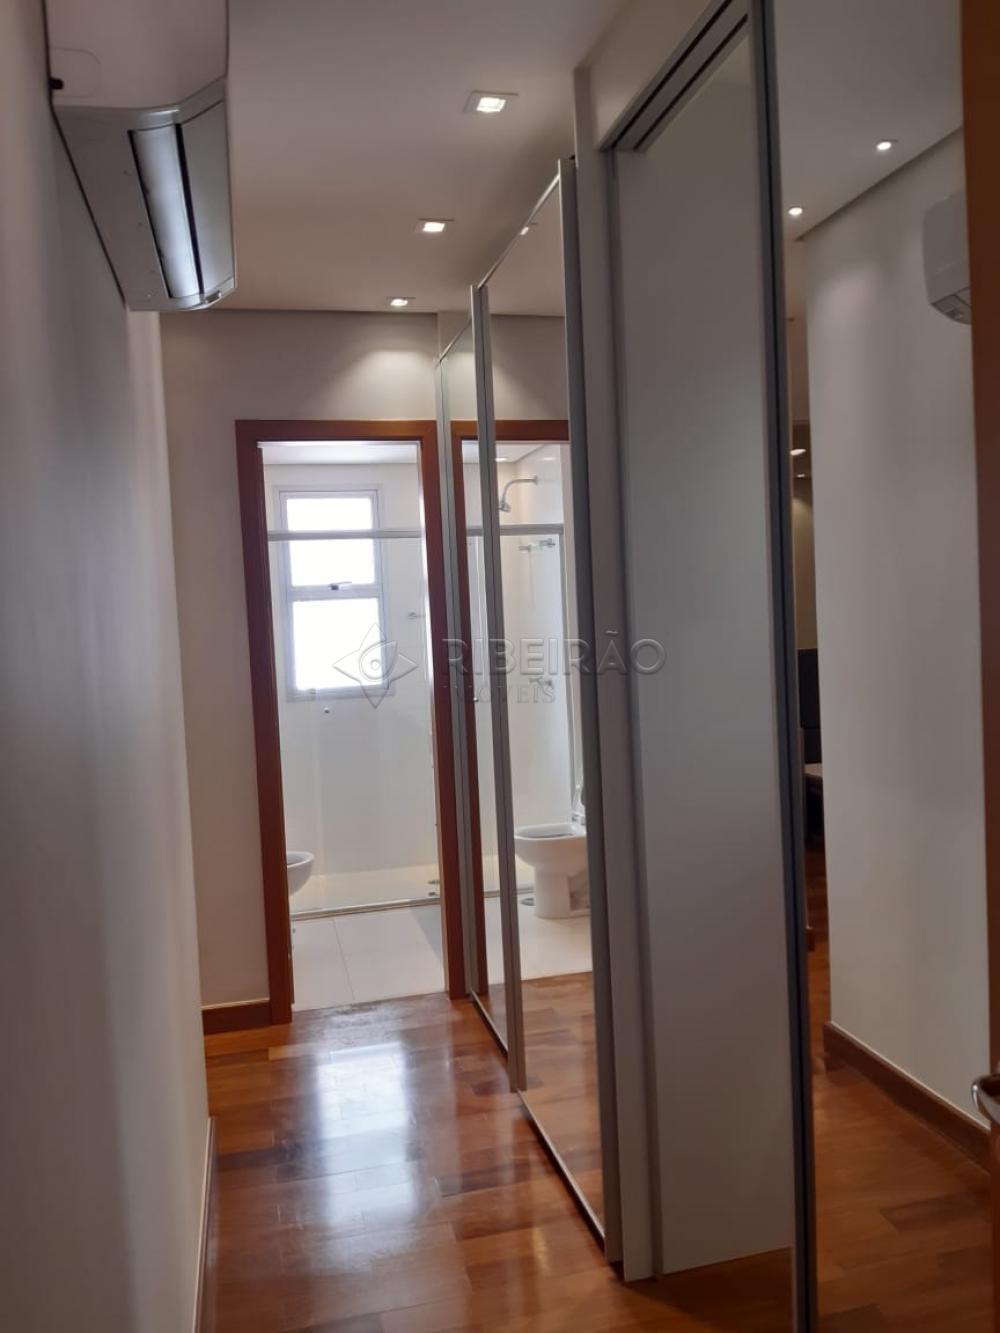 Comprar Apartamento / Cobertura em Ribeirão Preto R$ 1.900.000,00 - Foto 25